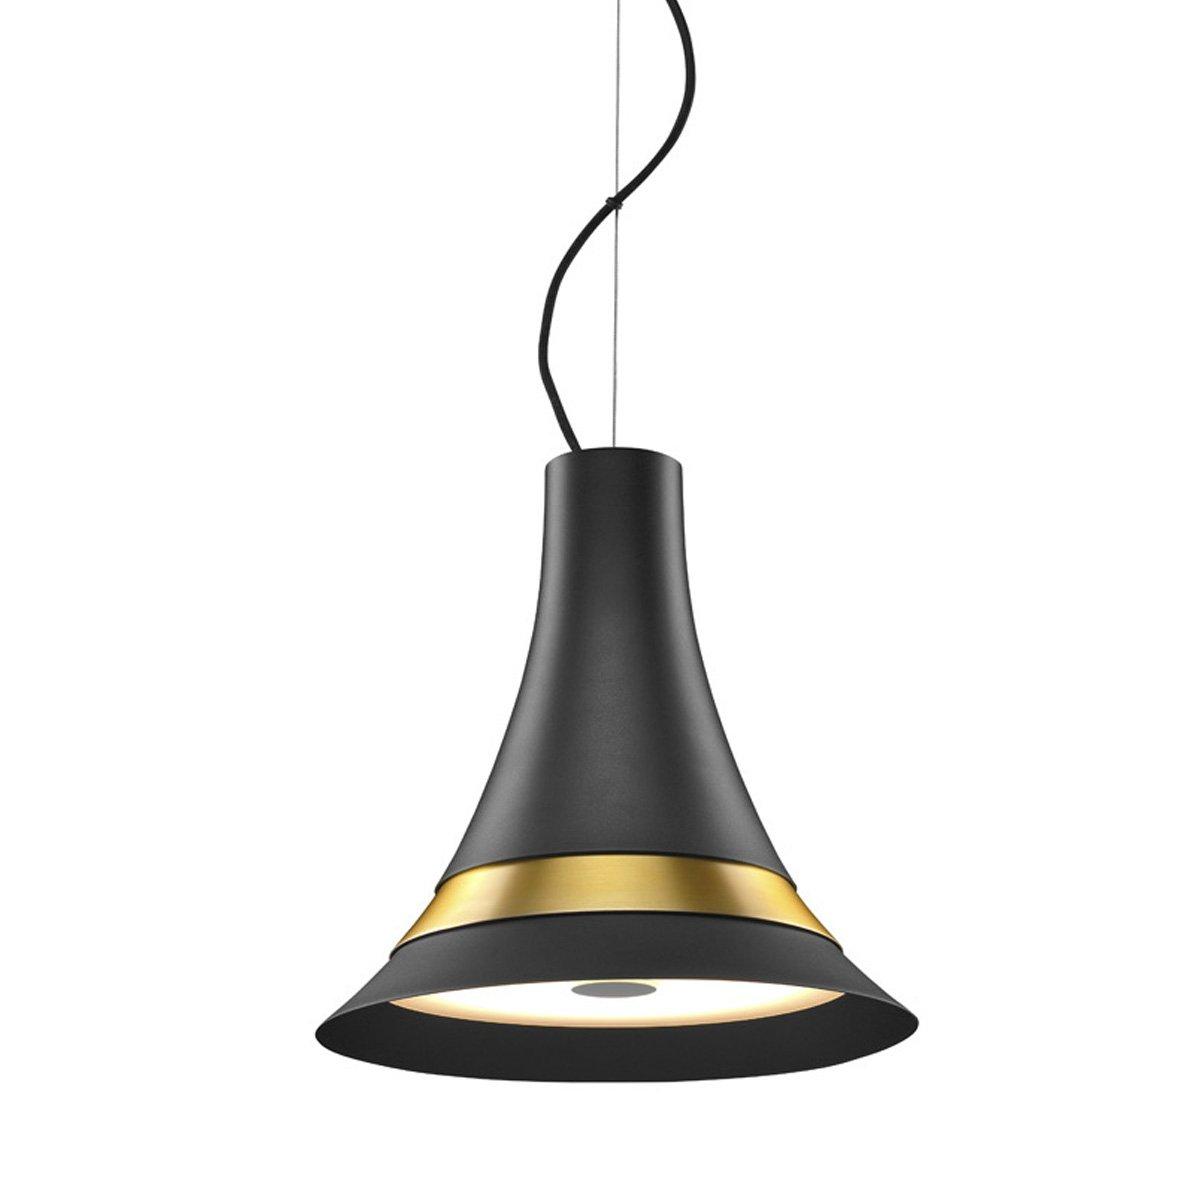 SLV - verlichting Hanglamp Bato SLV. 1001351